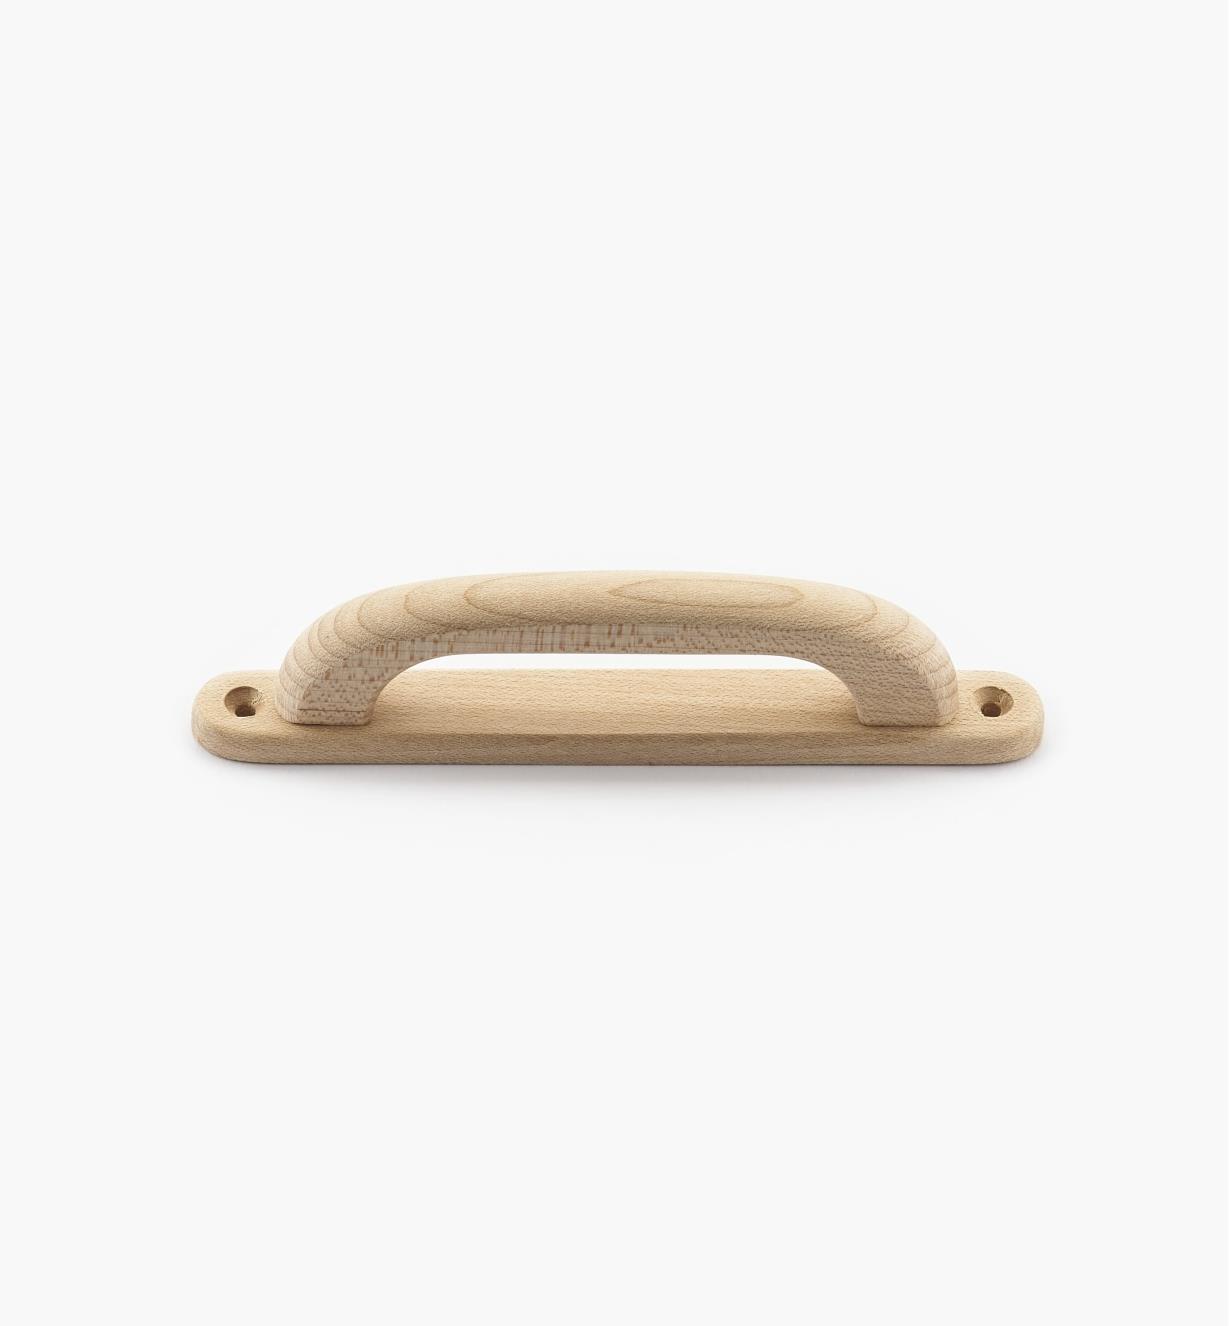 02B0422 - Poignée sur platine en érable, 4 3/4 po (106 mm)